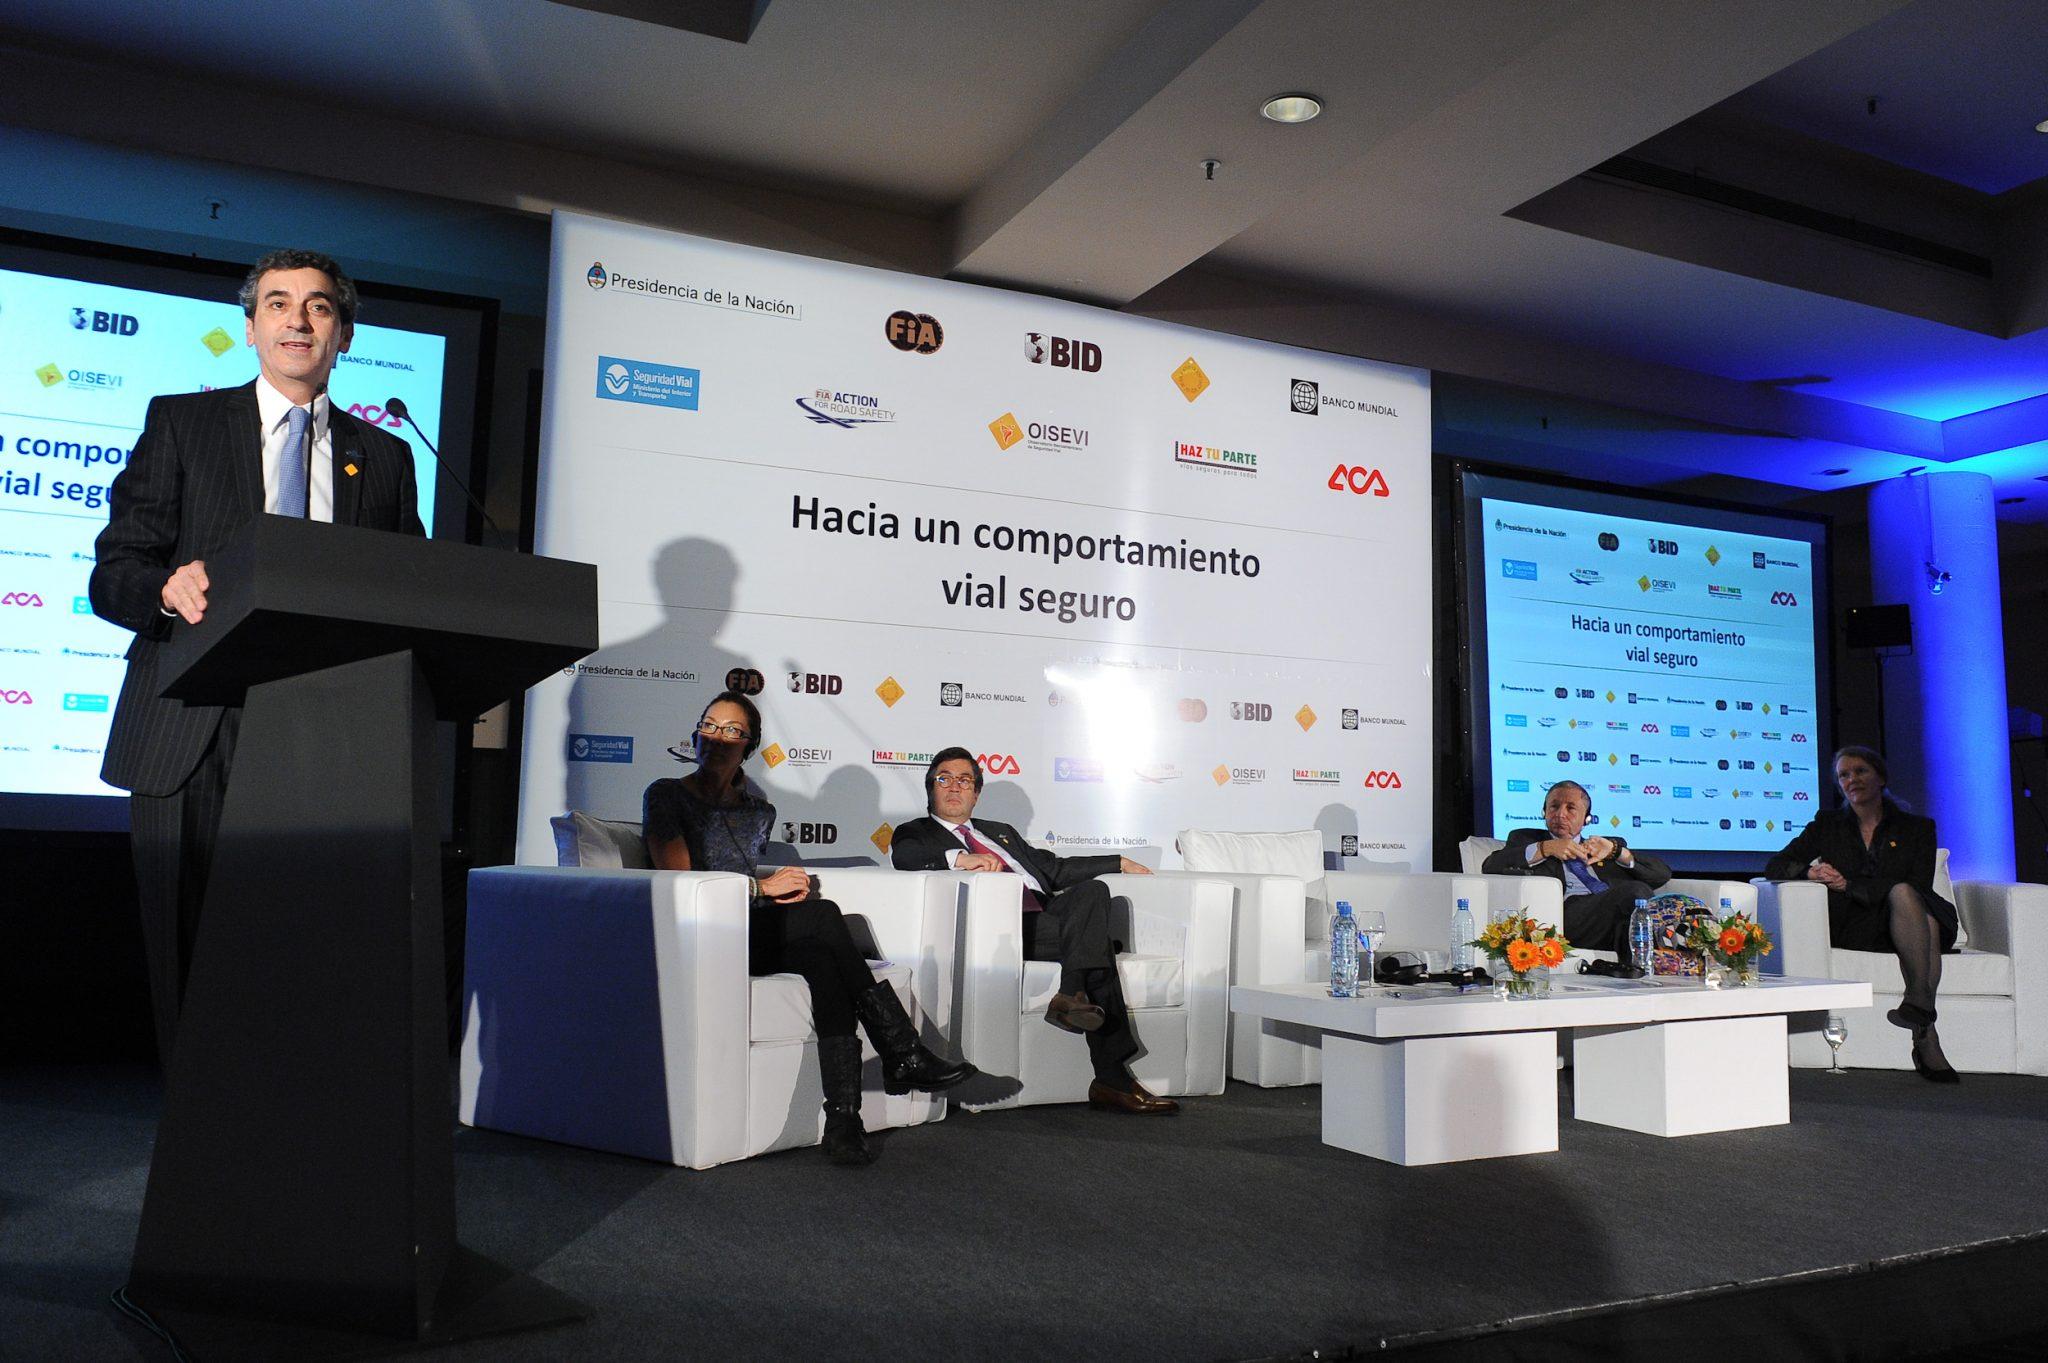 Randazzo recibió un reconocimiento de la FIA por los progresos de Argentina en Seguridad Vial